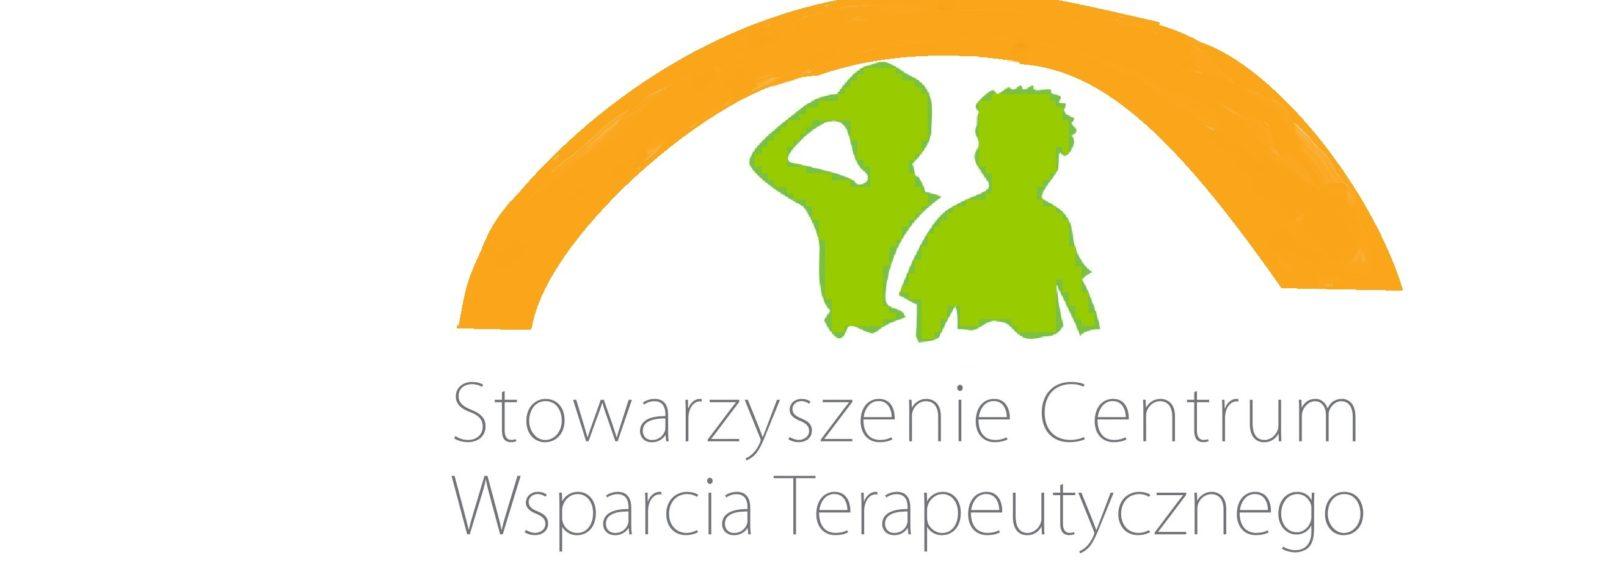 logo_krotkie_SP+SCWT_2kolory